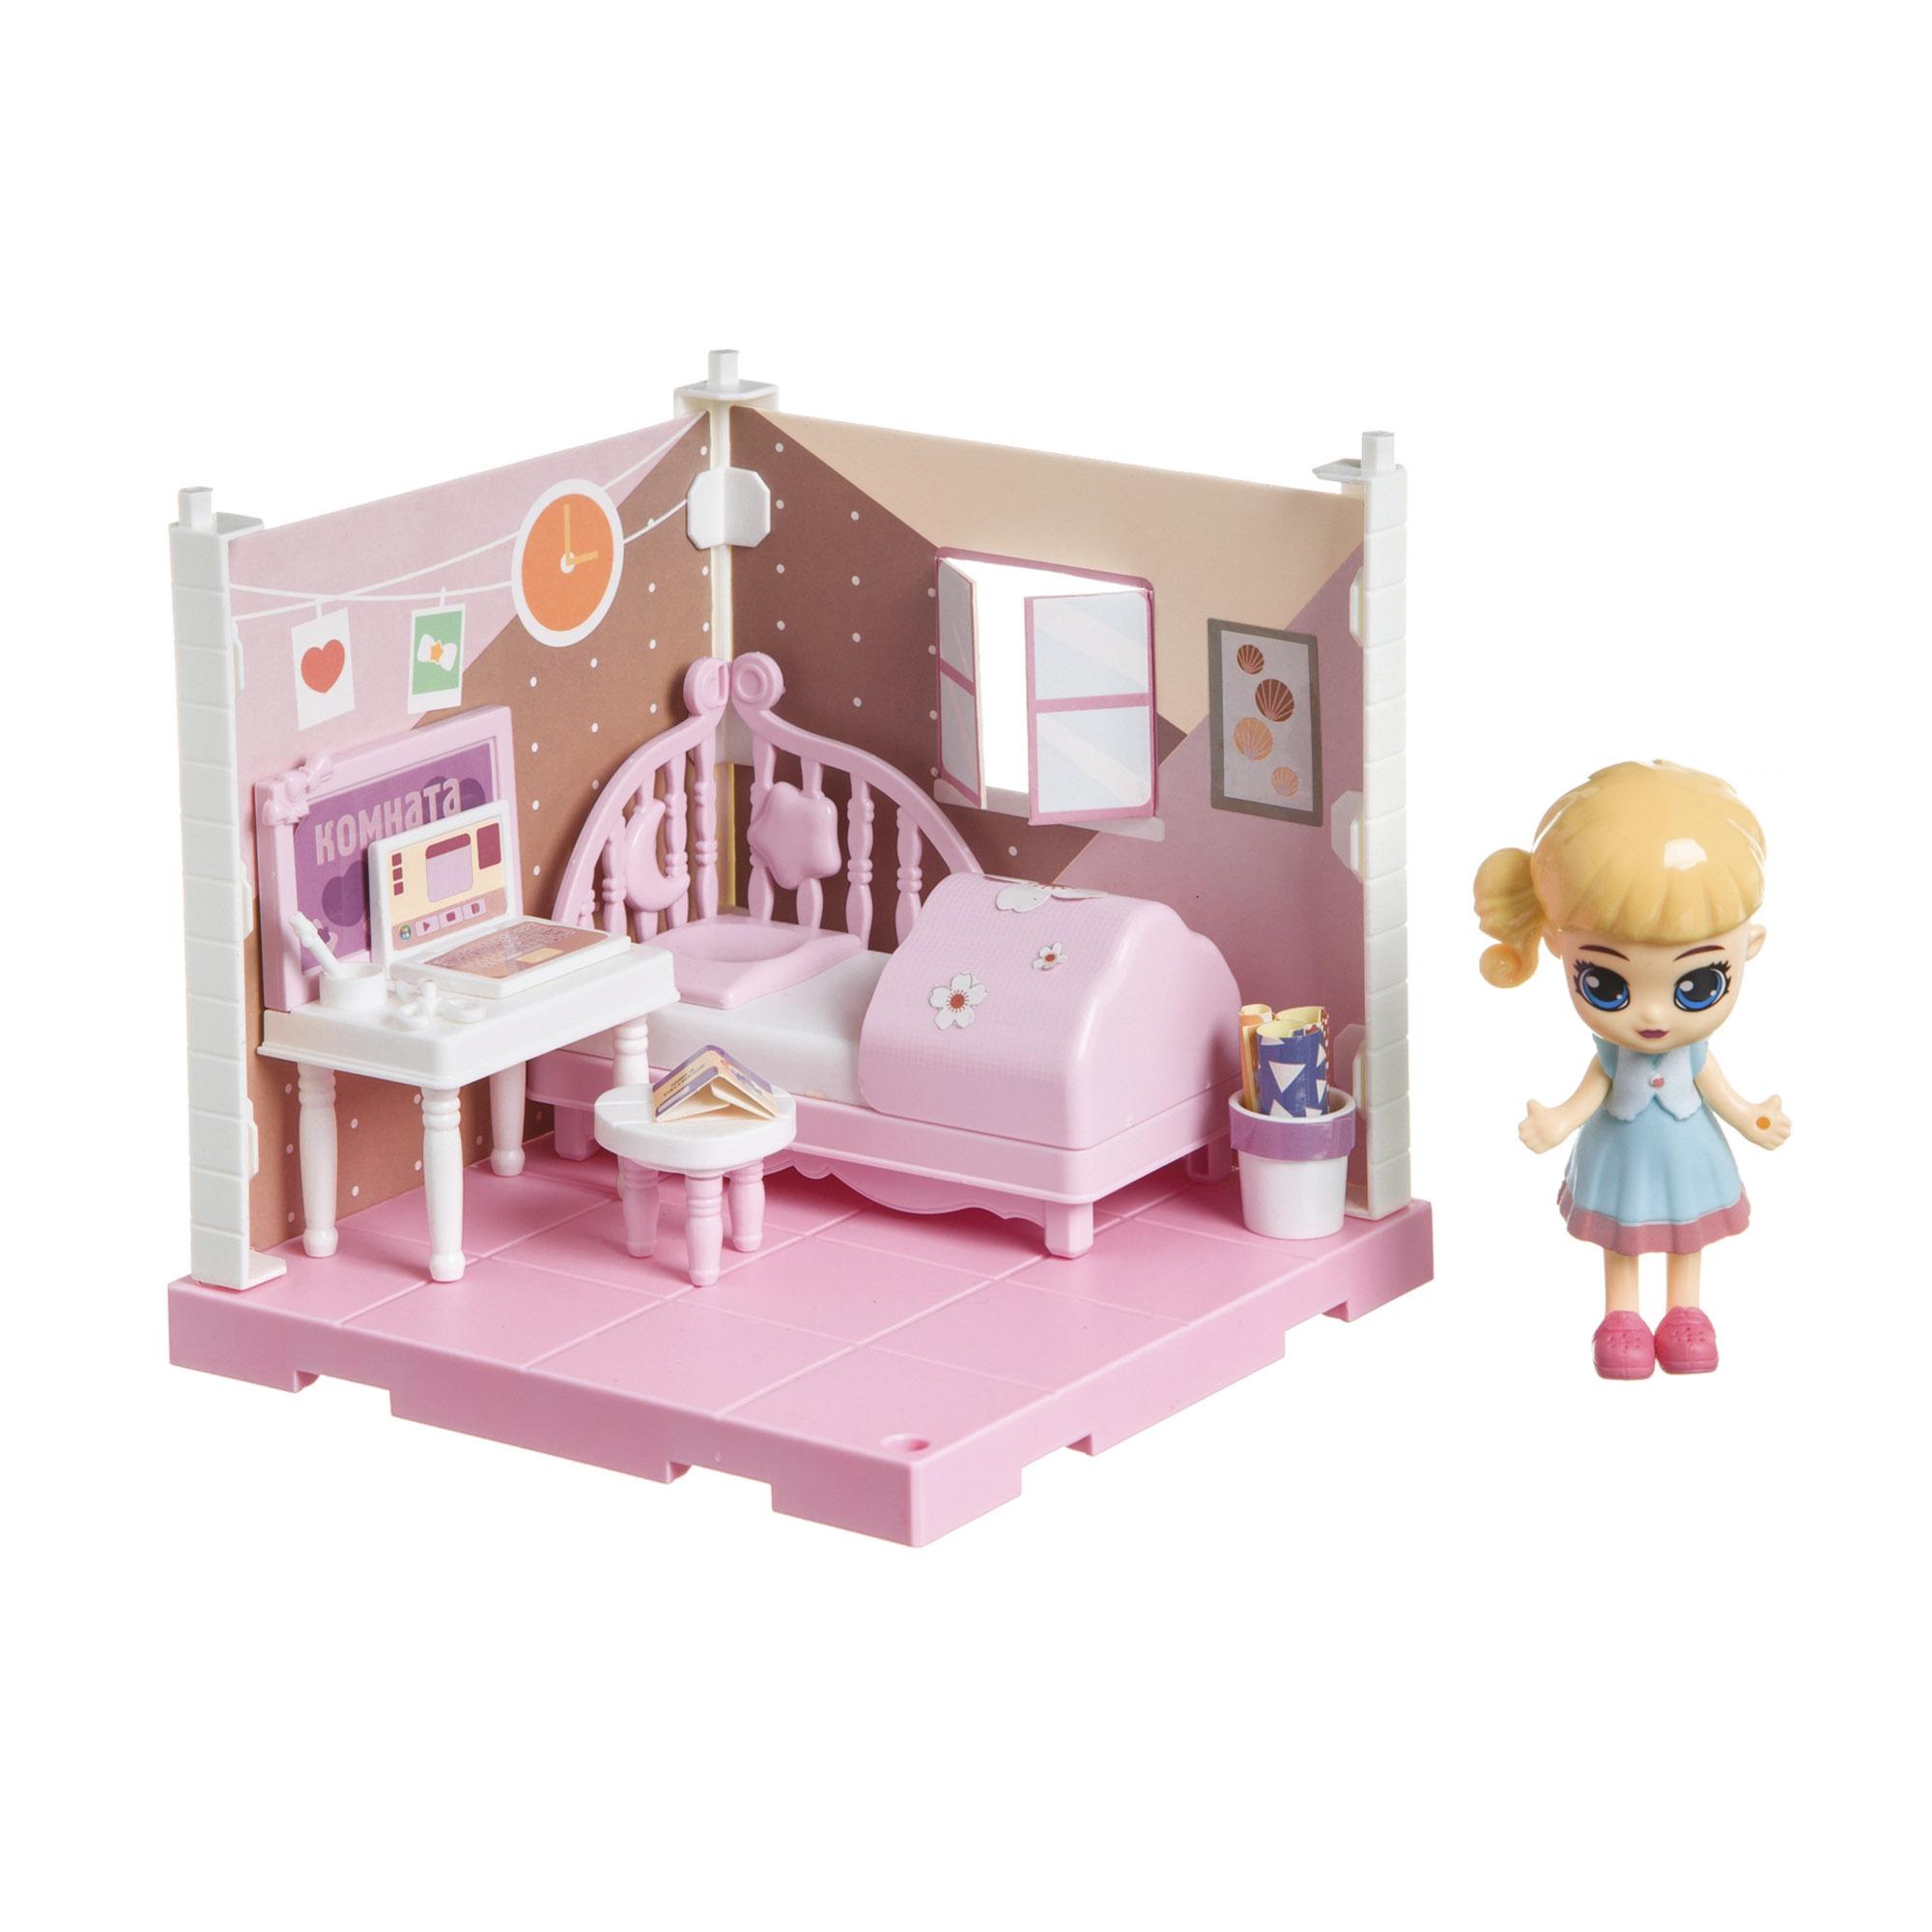 Фото - Набор игровой Bondibon Кукольный уголок спальня и куколка Oly набор игровой bondibon кукольный уголок гостиная и куколка oly